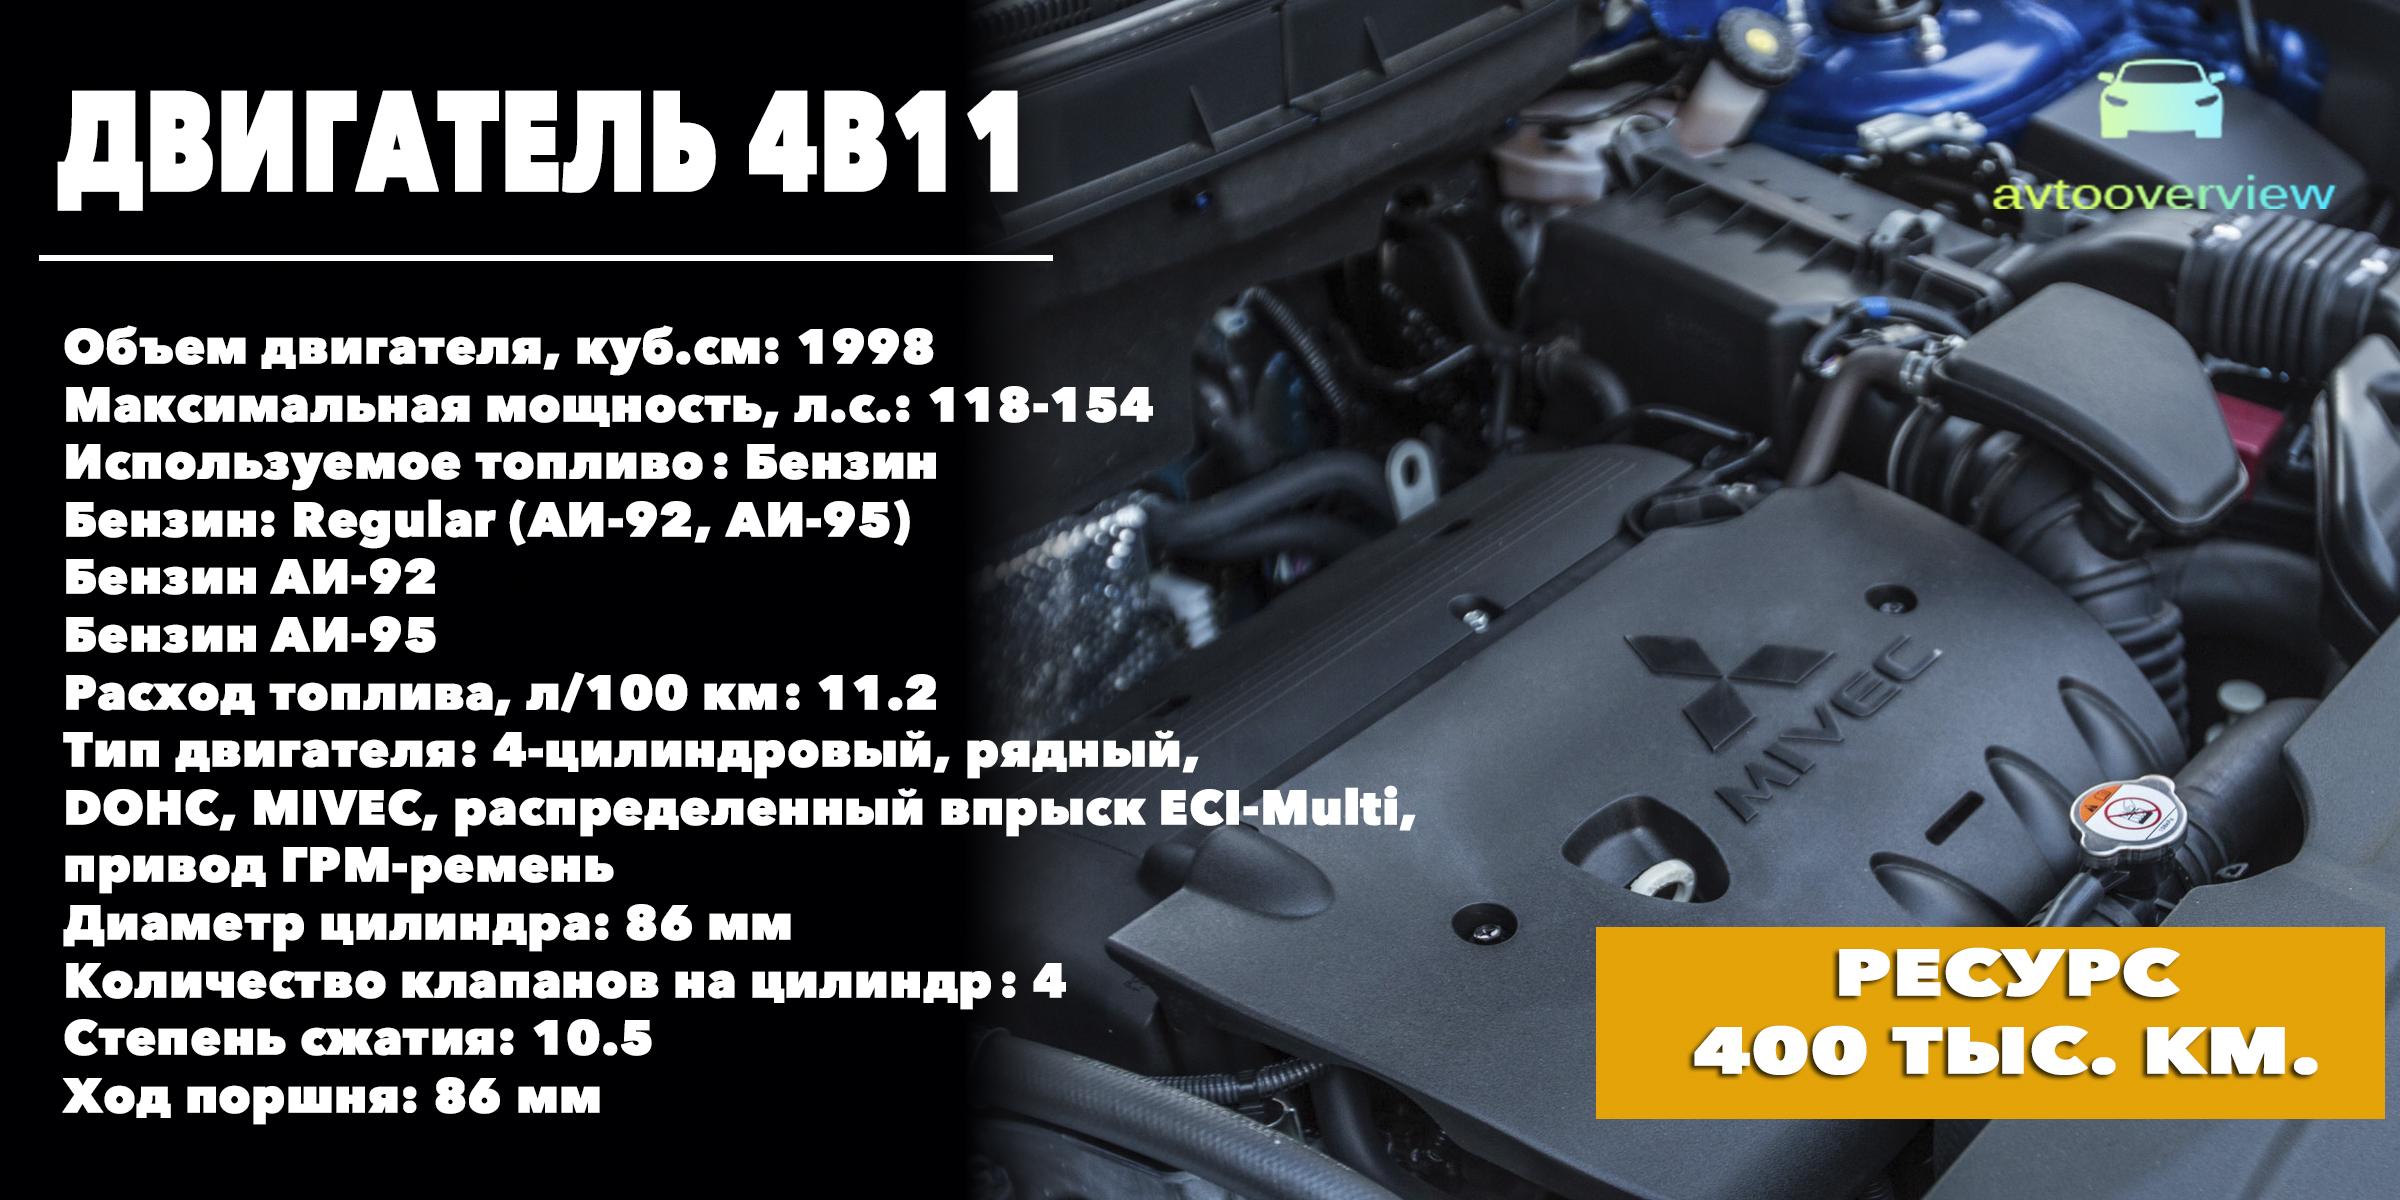 2.0-литровый 4B11: продолжительность службы